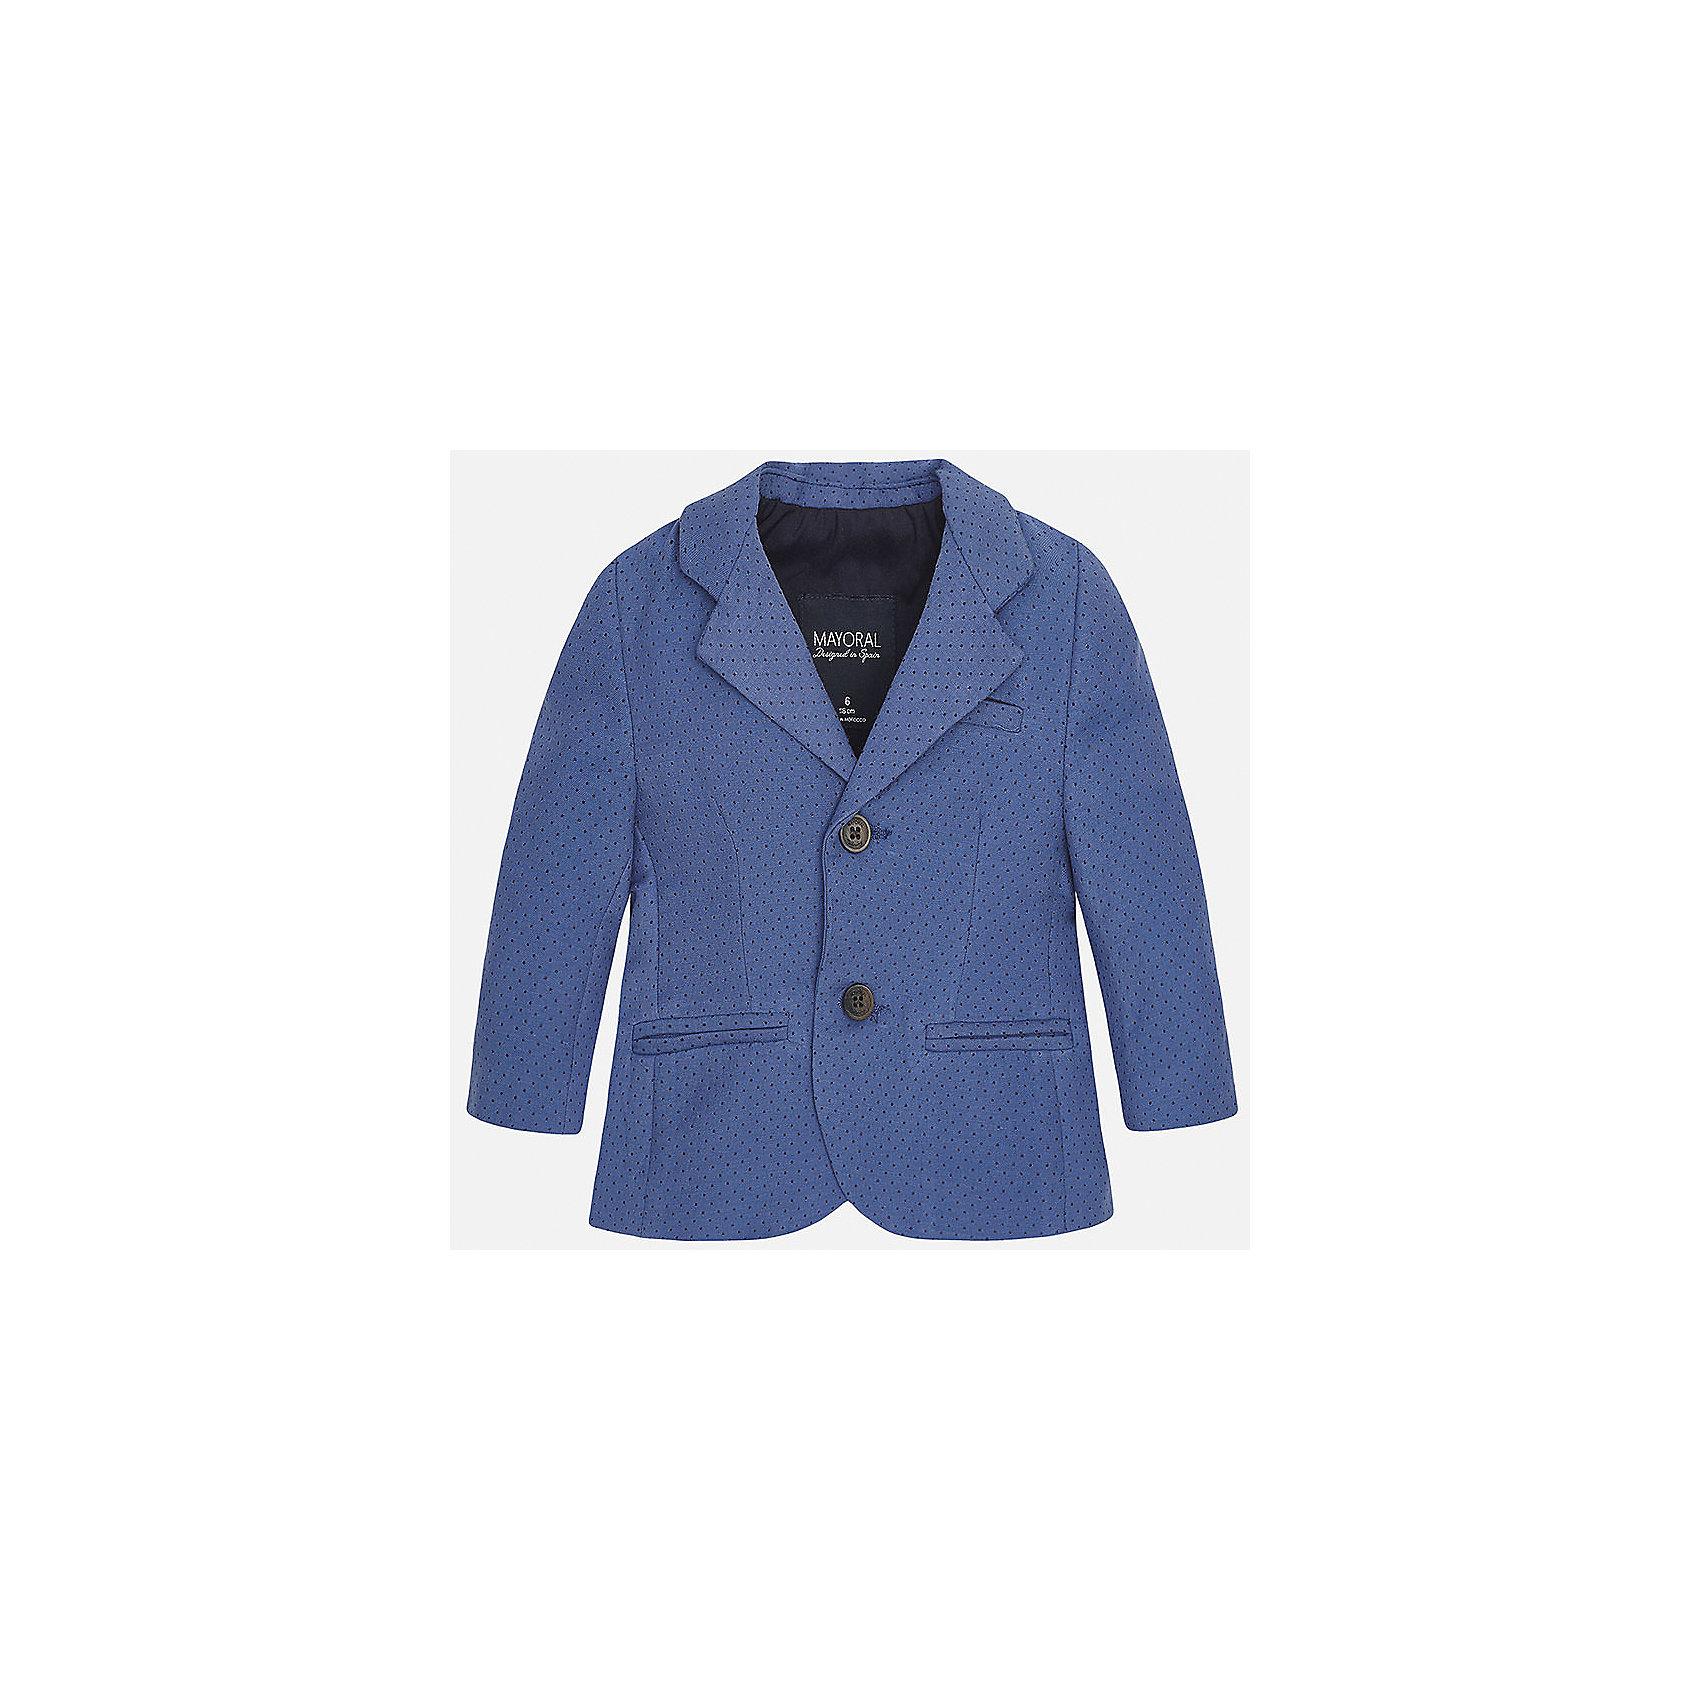 Пиджак для мальчика MayoralОдежда<br>Характеристики товара:<br><br>• цвет: синий<br>• состав: 87% хлопок, 10% полиэстер, 3% эластан<br>• в мелкий горошек<br>• рукава длинные <br>• карманы<br>• пуговицы <br>• отложной воротник<br>• страна бренда: Испания<br><br>Удобный и красивый пиджак для мальчика поможет разнообразить гардероб ребенка и создать элегантный наряд. Он отлично сочетается и с джинсами, и с брюками. Универсальный цвет позволяет подобрать к вещи низ различных расцветок. Интересная отделка модели делает её нарядной и оригинальной. В составе материала - натуральный хлопок, гипоаллергенный, приятный на ощупь, дышащий.<br><br>Одежда, обувь и аксессуары от испанского бренда Mayoral полюбились детям и взрослым по всему миру. Модели этой марки - стильные и удобные. Для их производства используются только безопасные, качественные материалы и фурнитура. Порадуйте ребенка модными и красивыми вещами от Mayoral! <br><br>Пиджак для мальчика от испанского бренда Mayoral (Майорал) можно купить в нашем интернет-магазине.<br><br>Ширина мм: 174<br>Глубина мм: 10<br>Высота мм: 169<br>Вес г: 157<br>Цвет: синий<br>Возраст от месяцев: 12<br>Возраст до месяцев: 18<br>Пол: Мужской<br>Возраст: Детский<br>Размер: 86,92,74,80<br>SKU: 5279561